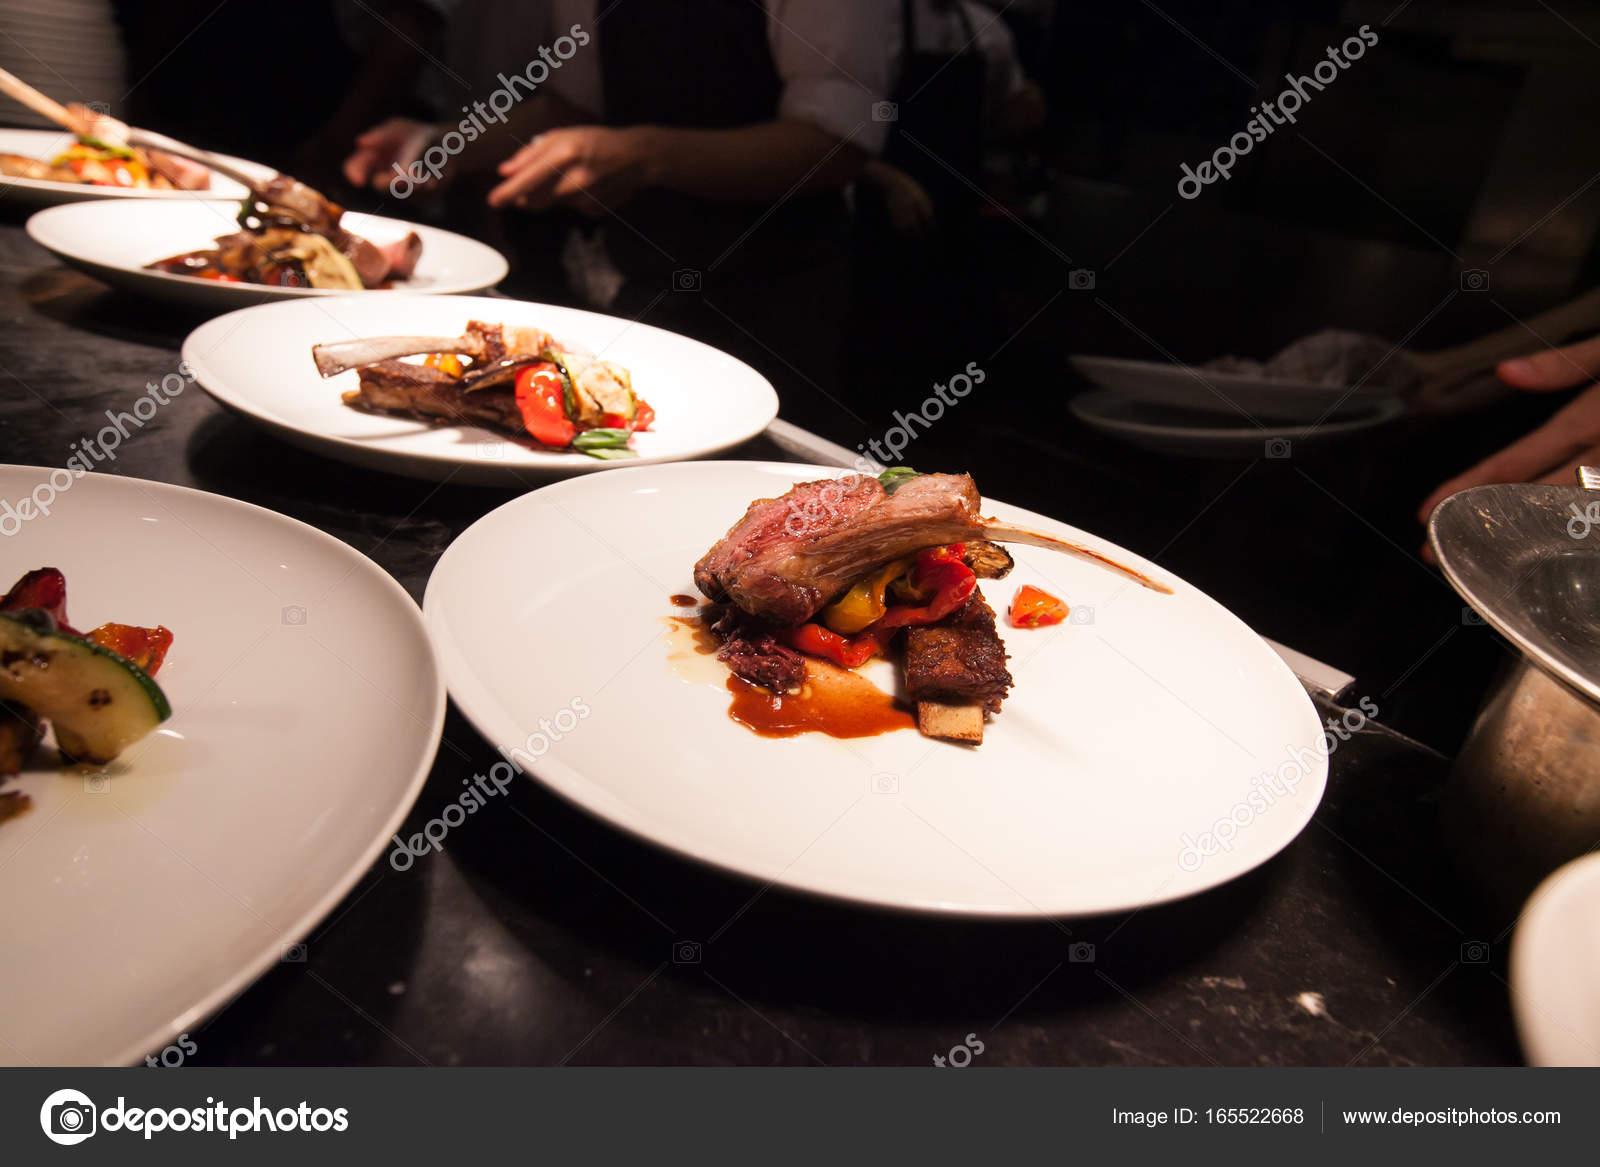 Unscharfen Hintergrund Der Koch Im Hotel Oder Restaurant Küche Kochen Mit  Lamm Und Dekoration Für Luxus